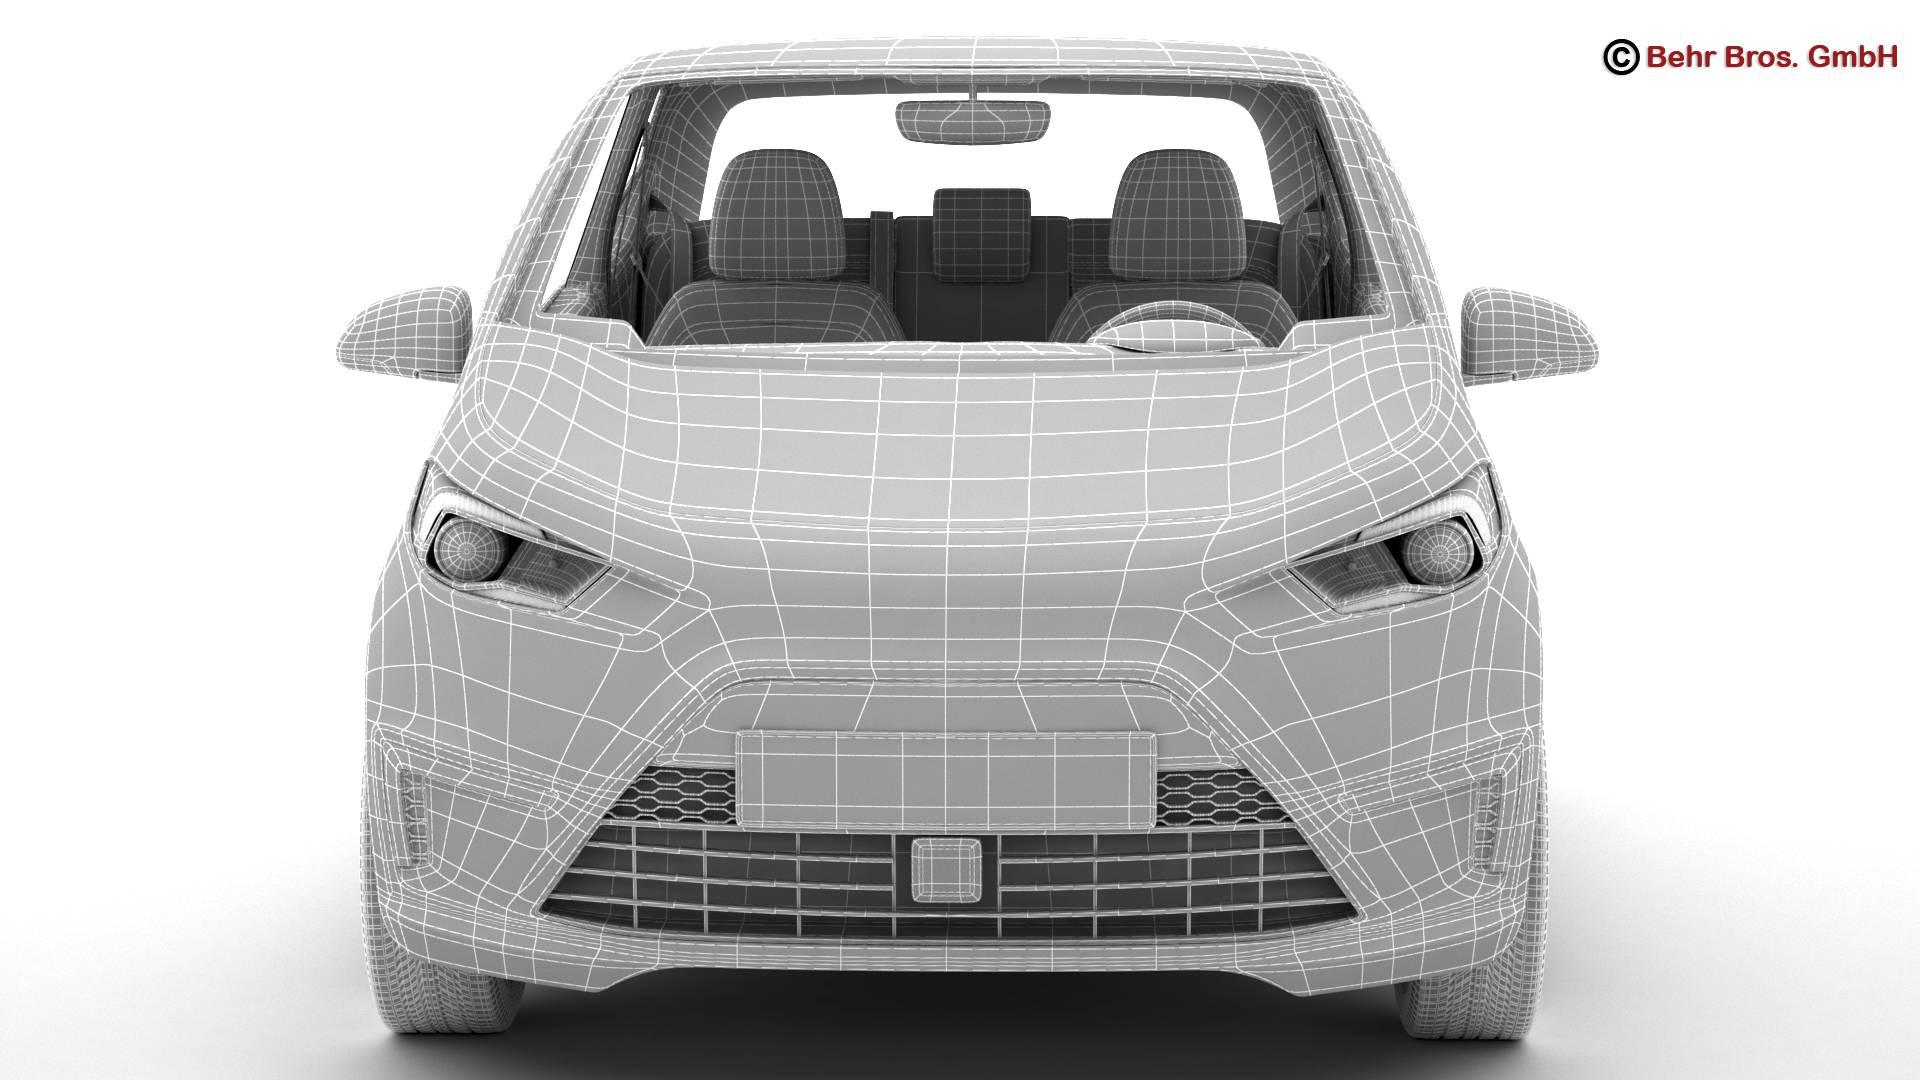 generic city car 3d model 3ds max fbx c4d lwo ma mb obj 209053